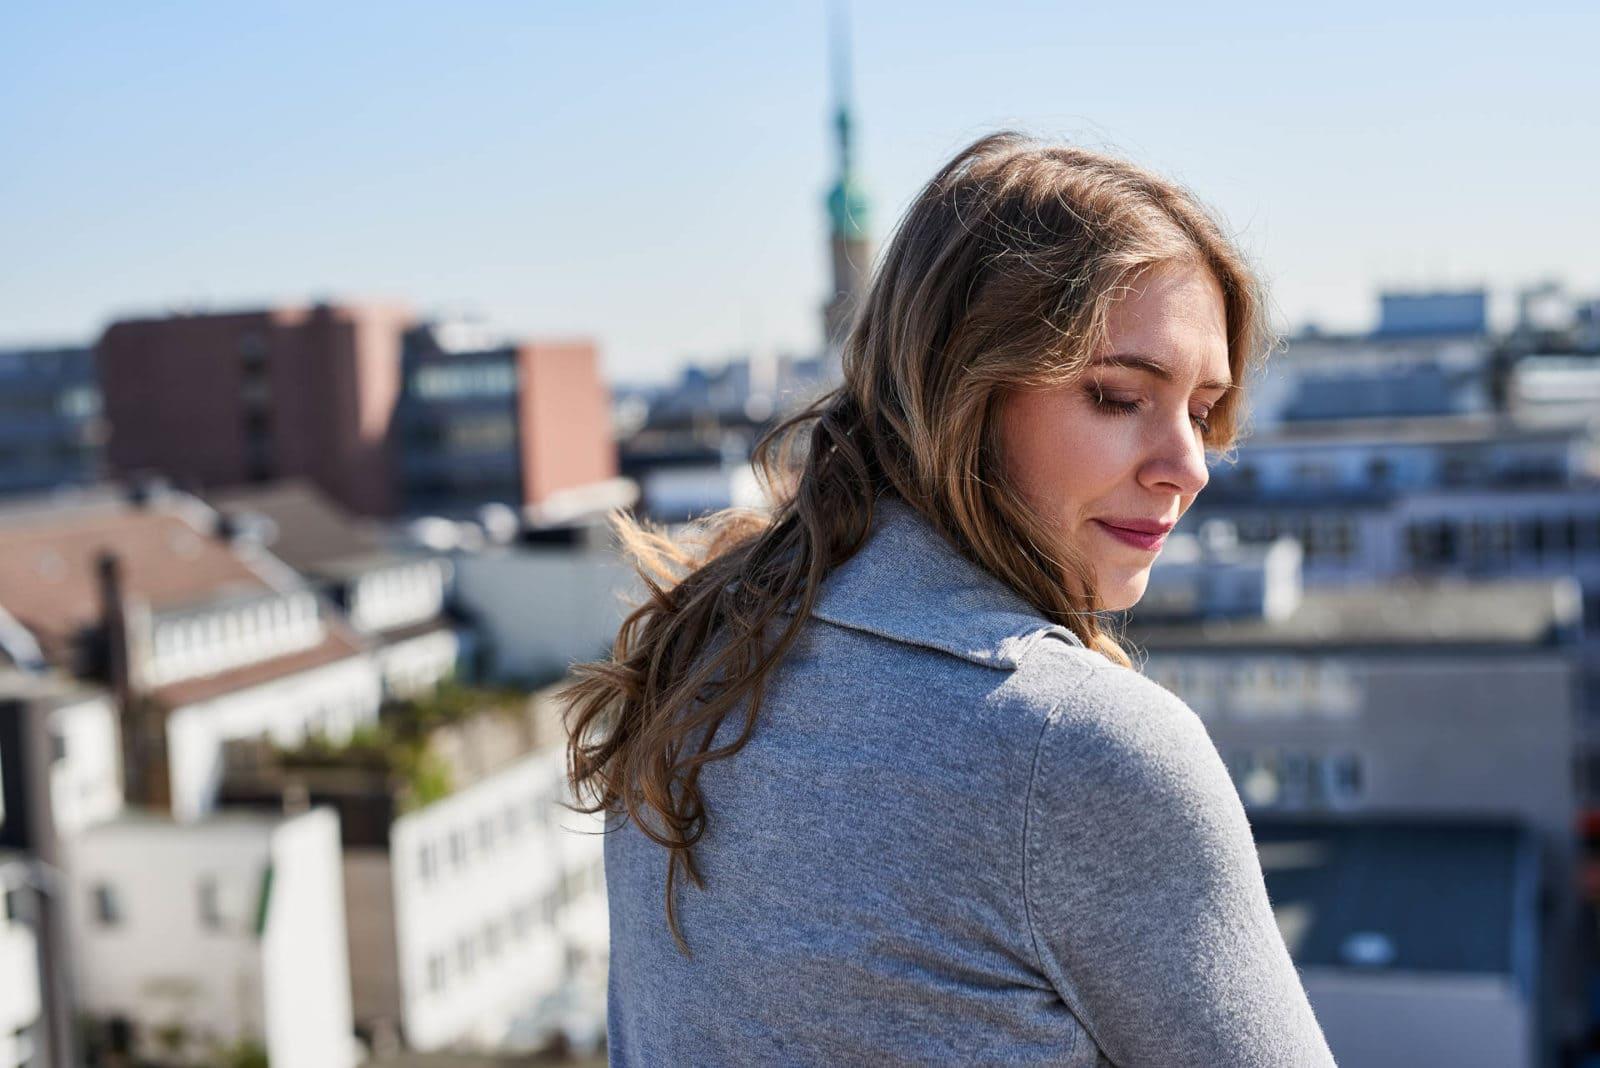 Sensibles Portrait einer Frau in Stadt